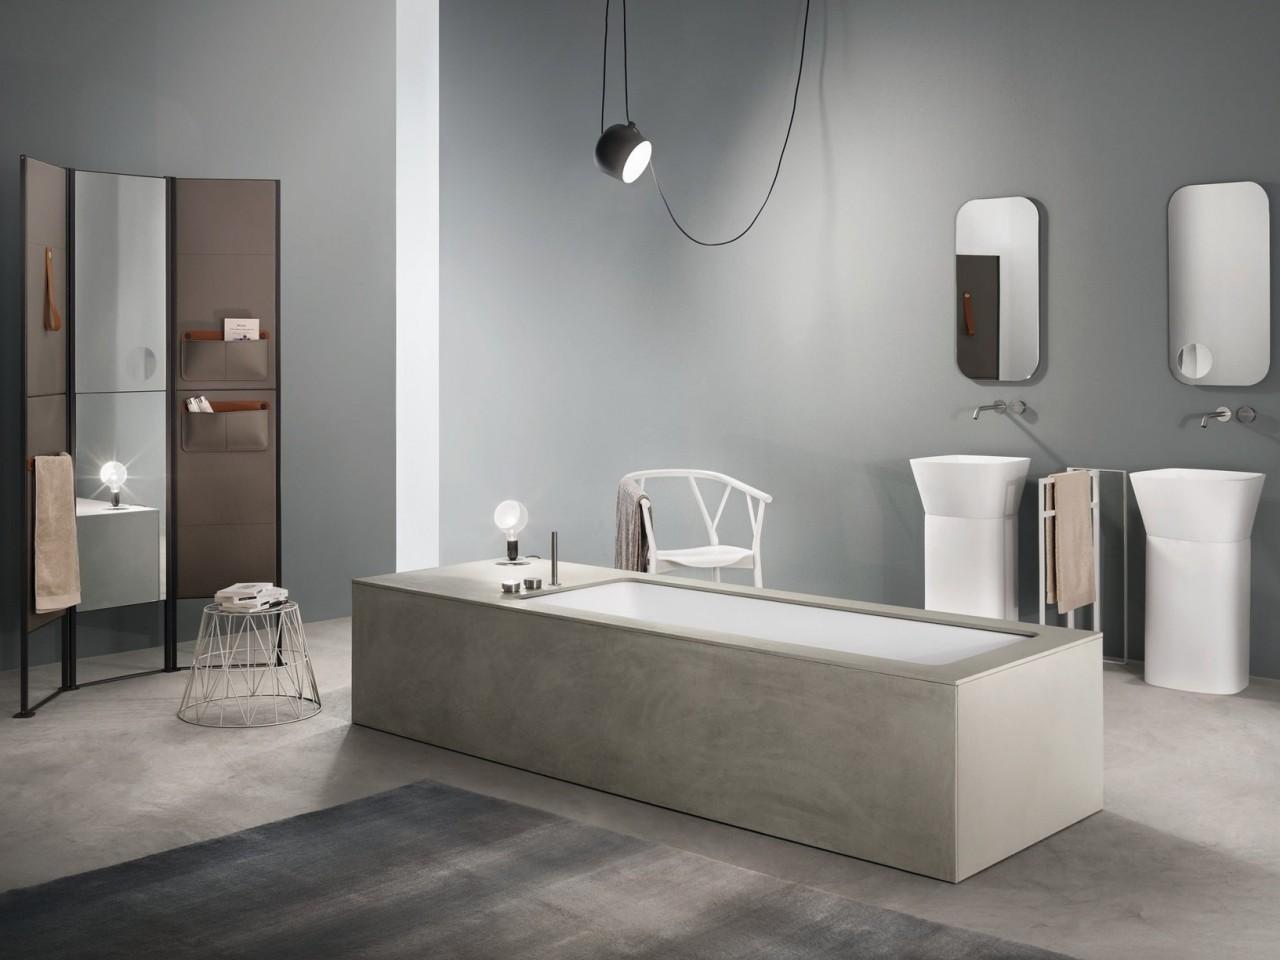 Vasche Da Bagno In Vetroresina Misure : Vasca da bagno in muratura e resina elementi per realizzare una